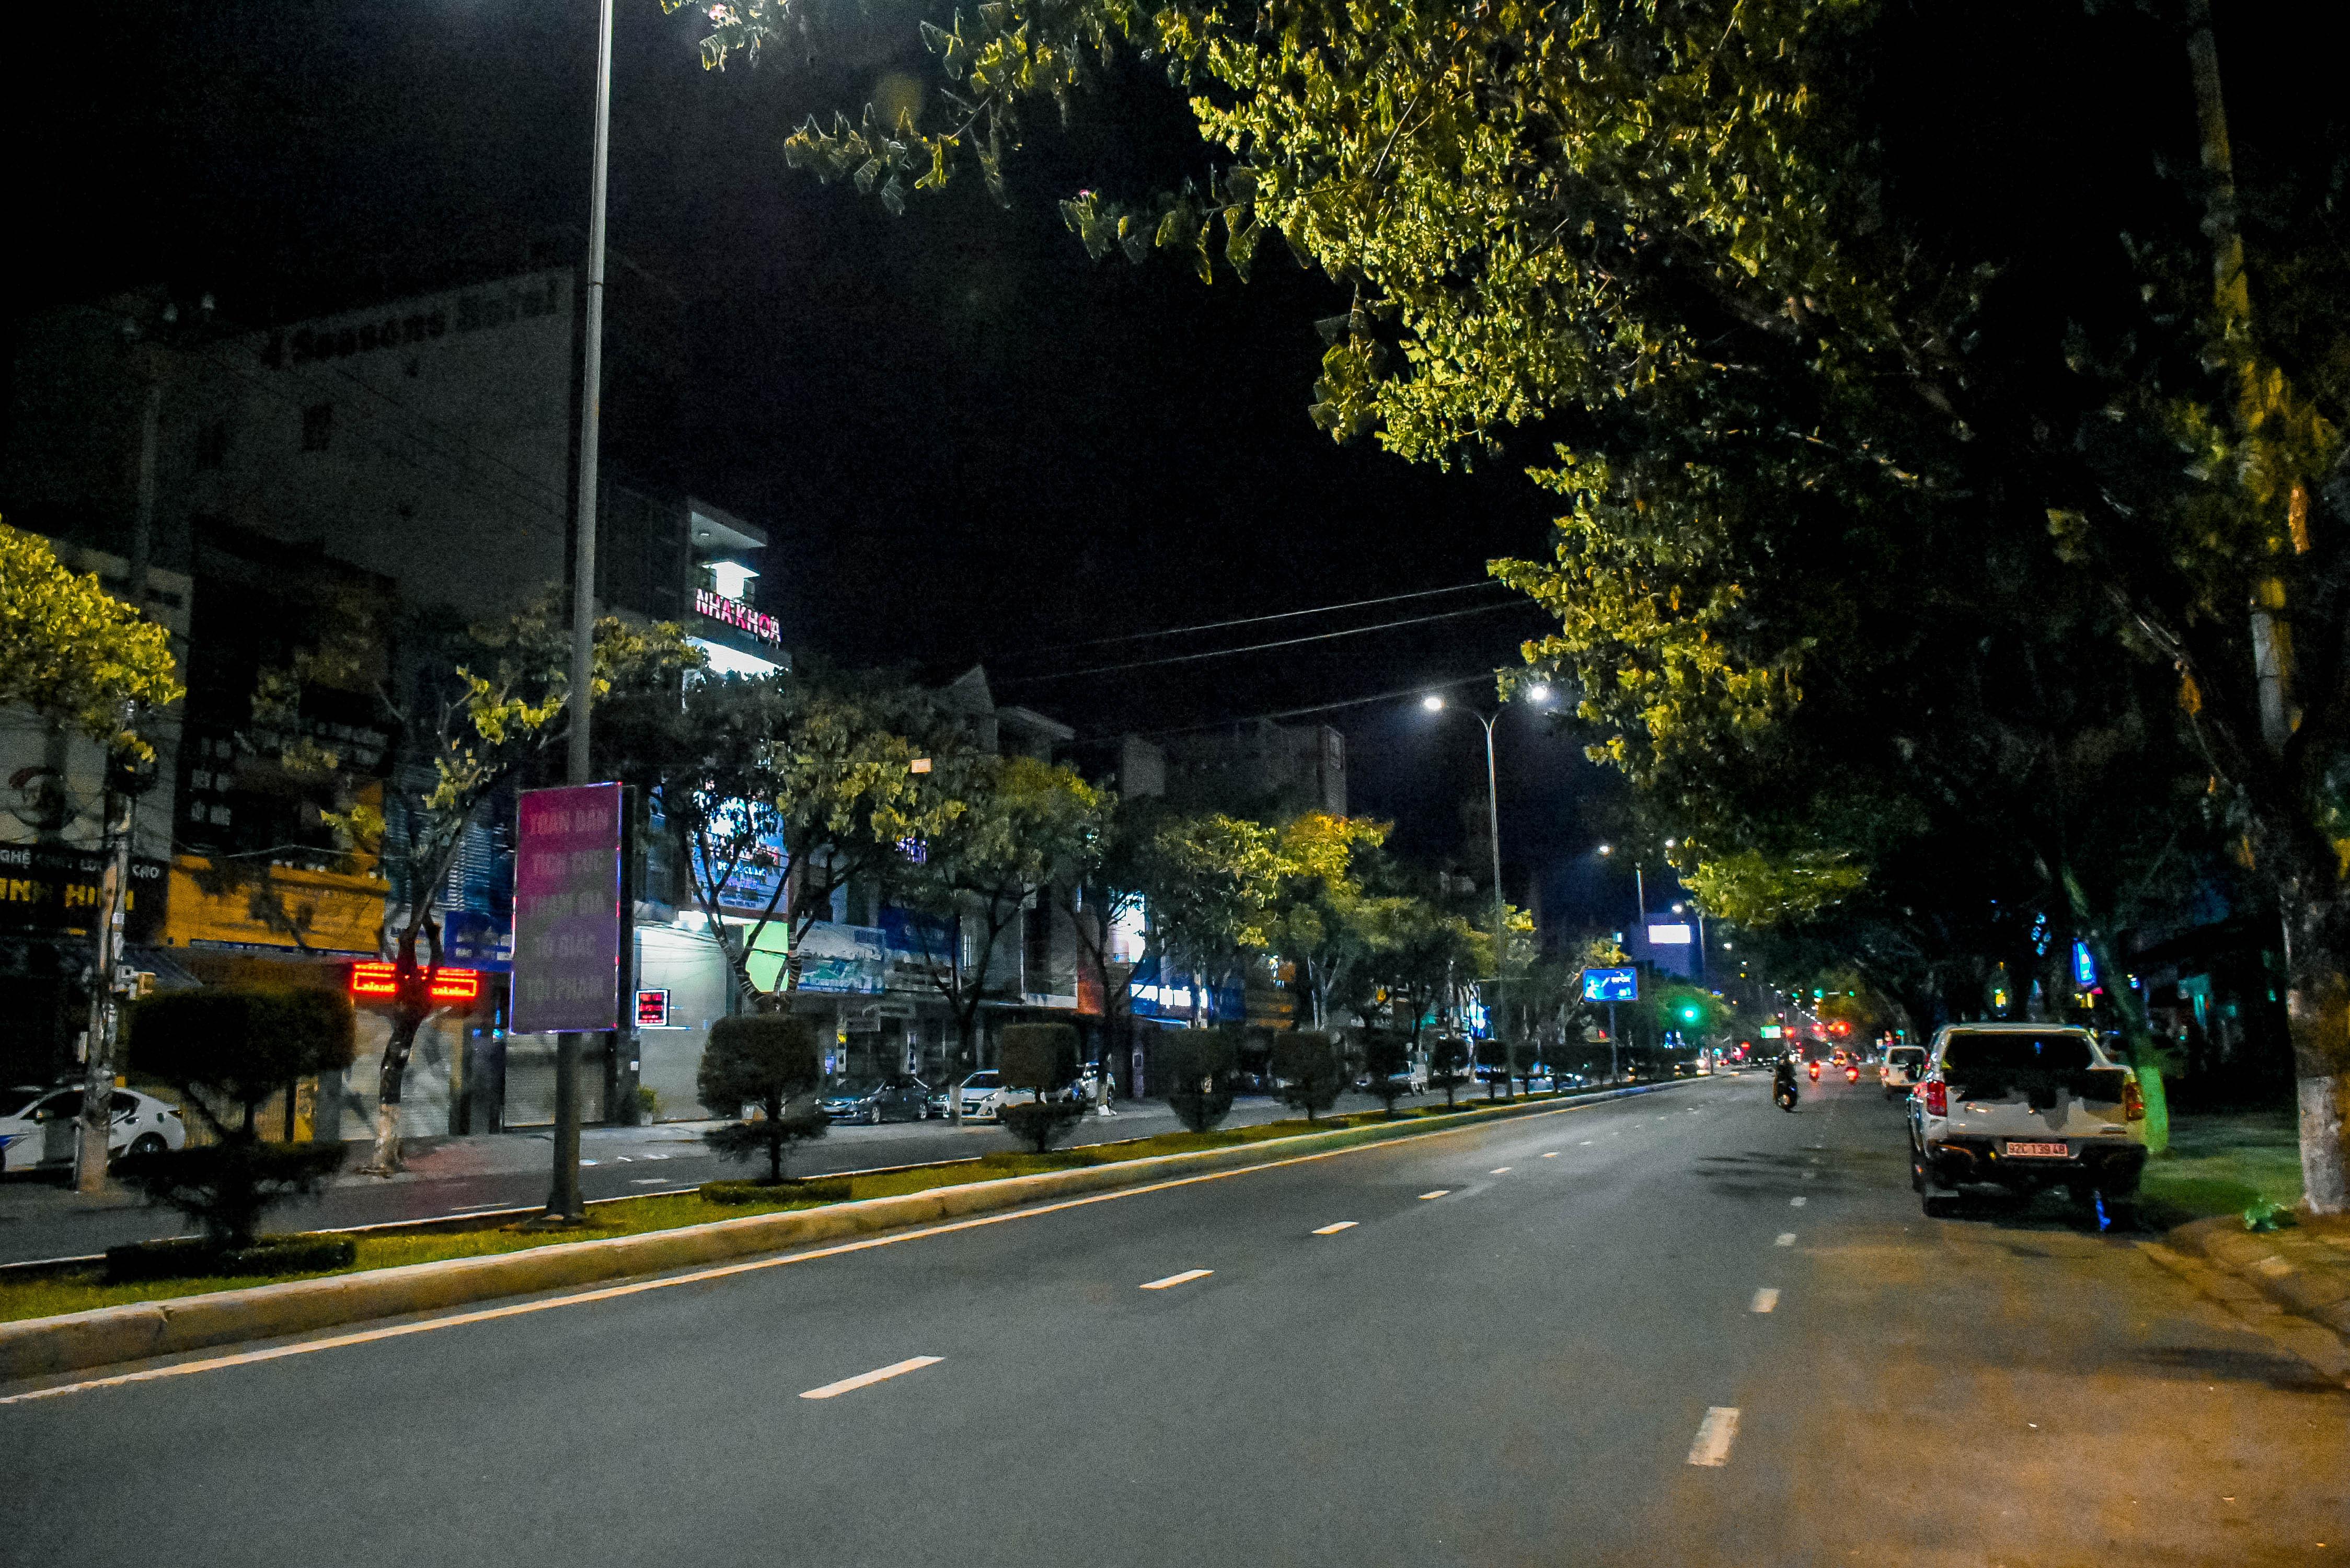 Đêm cuối tuần ở Đà Nẵng: Những con phố đều chìm trong thinh lặng, thành phố du lịch không bóng người! 15